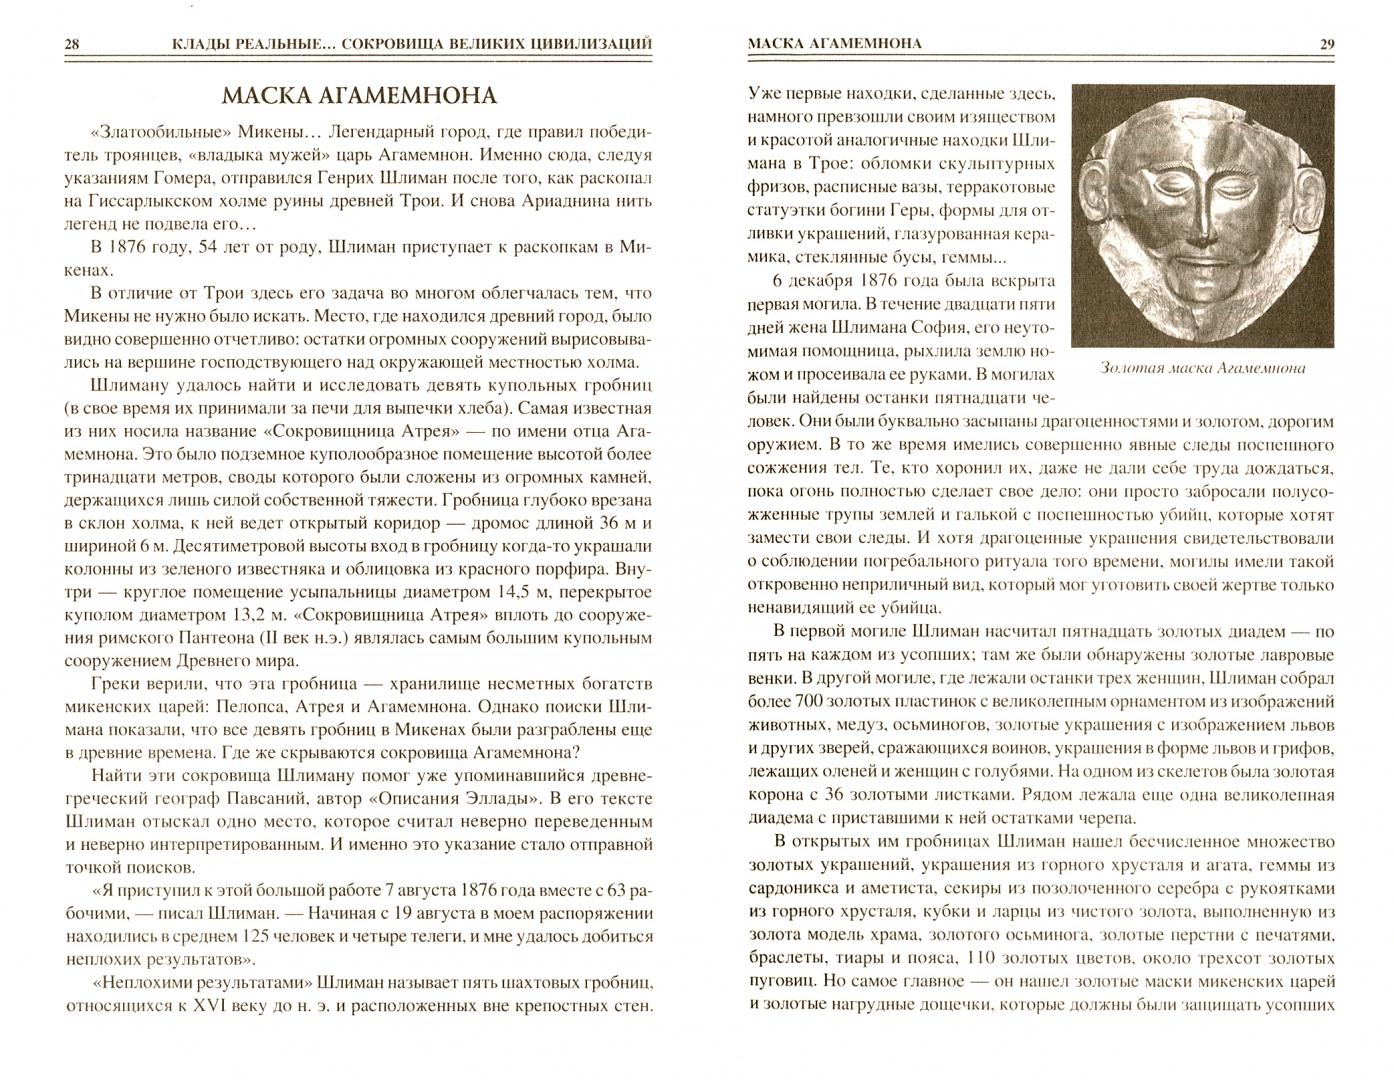 Иллюстрация 1 из 31 для 100 великих кладов - Непомнящий, Низовский   Лабиринт - книги. Источник: Лабиринт